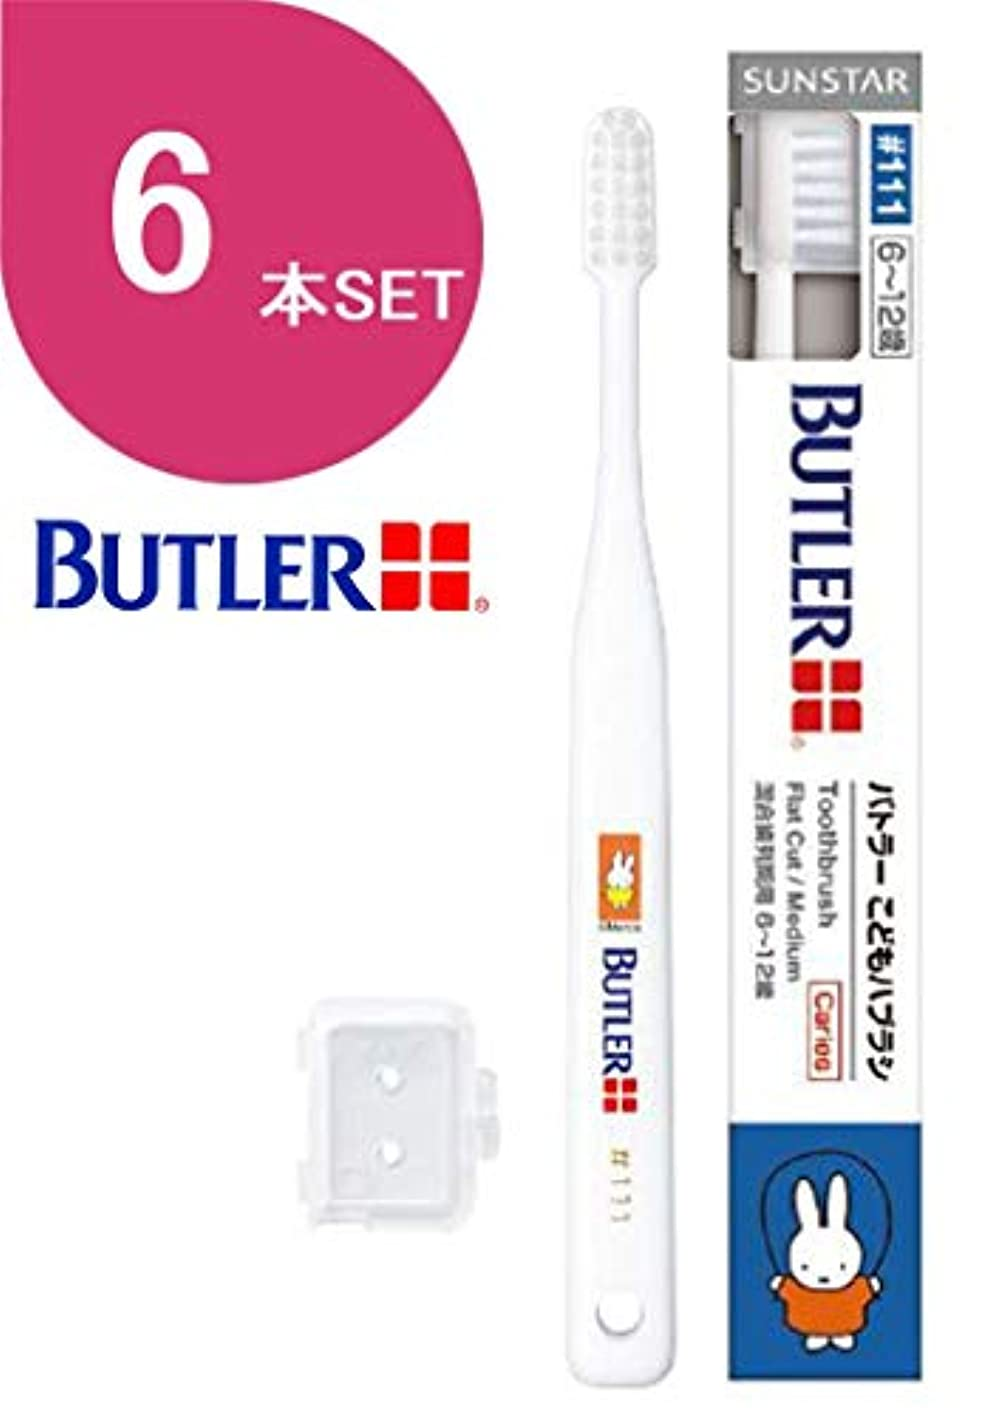 祭り不運化石サンスター バトラー(BUTLER) 歯ブラシ ミッフィーシリーズ 6本 #111 (6~12才混合歯列期用)